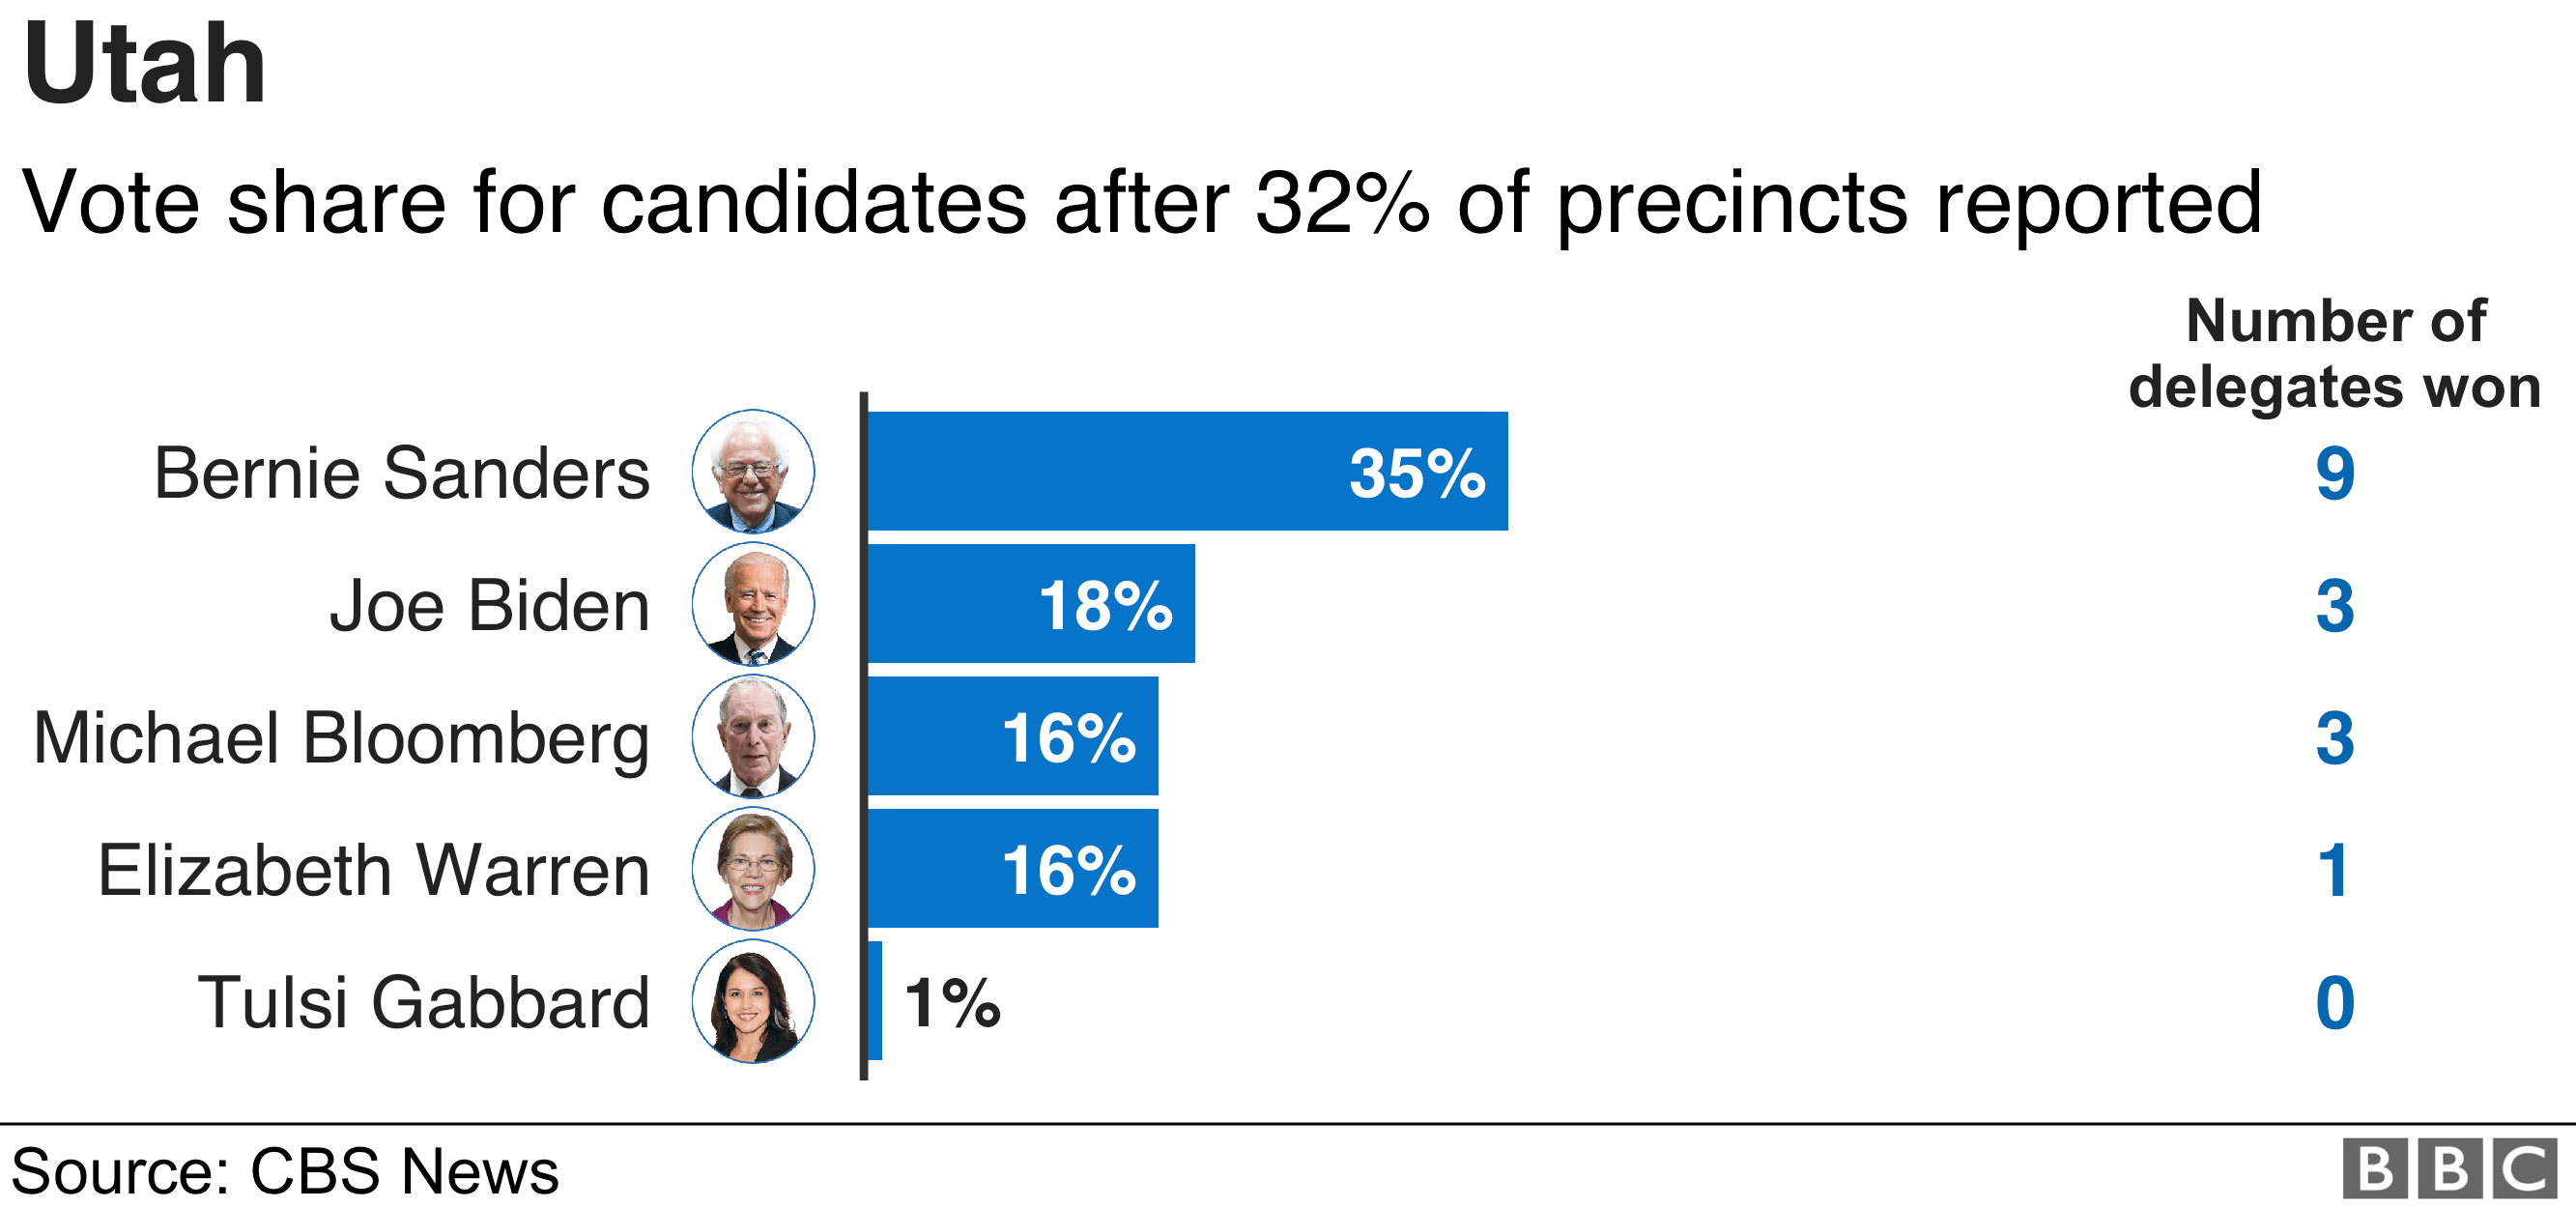 Utah results